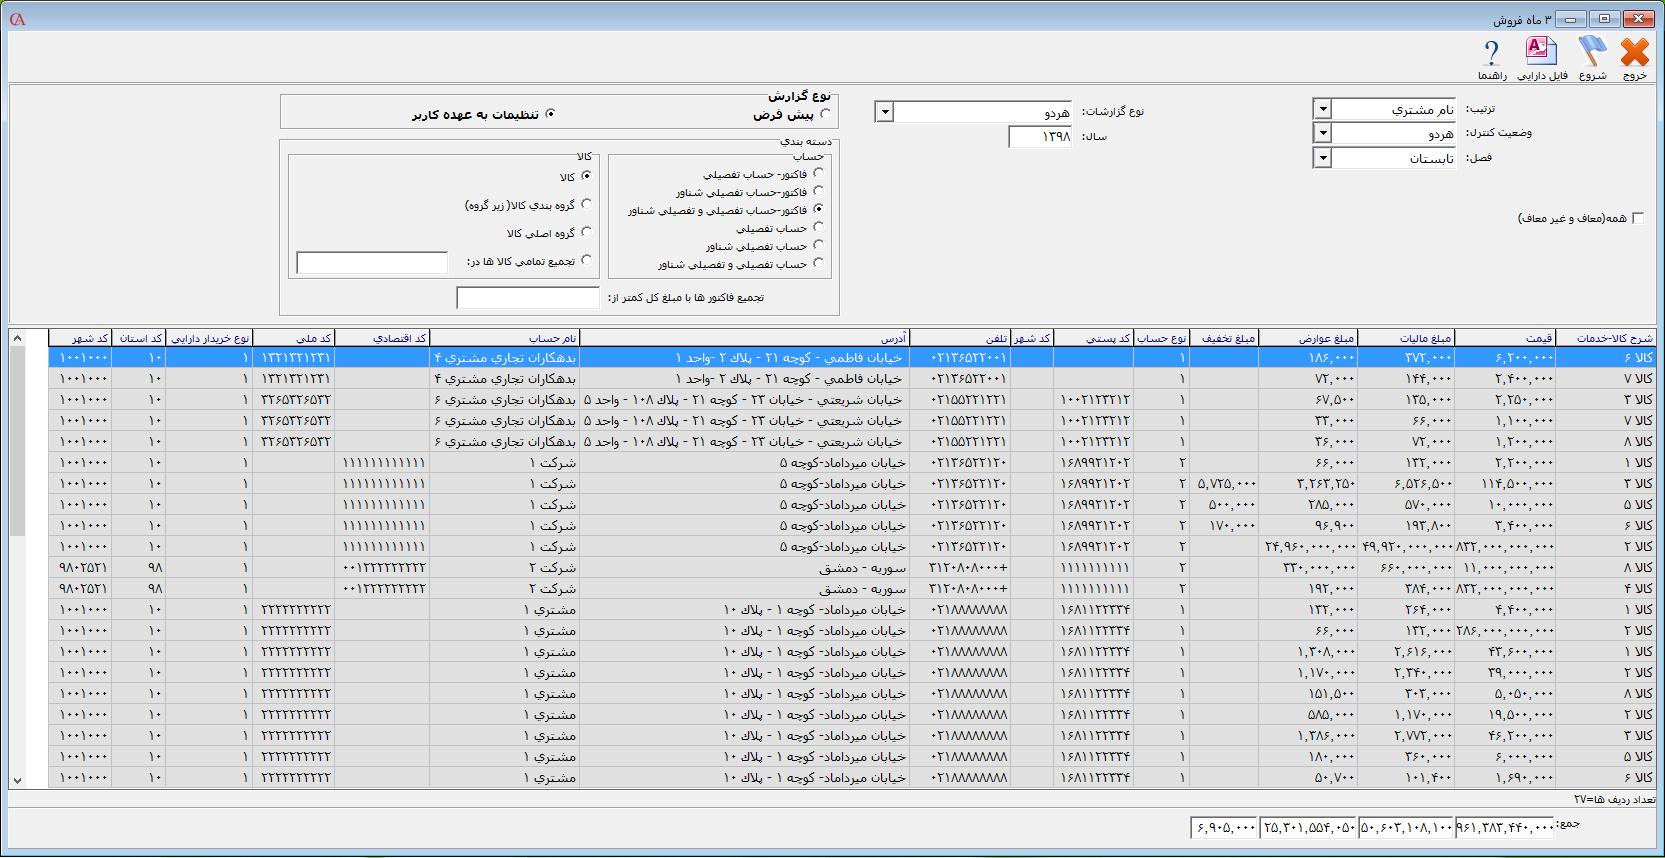 گزارش صورت معاملات فصلی در نرم افزار حسابداری حسابگر